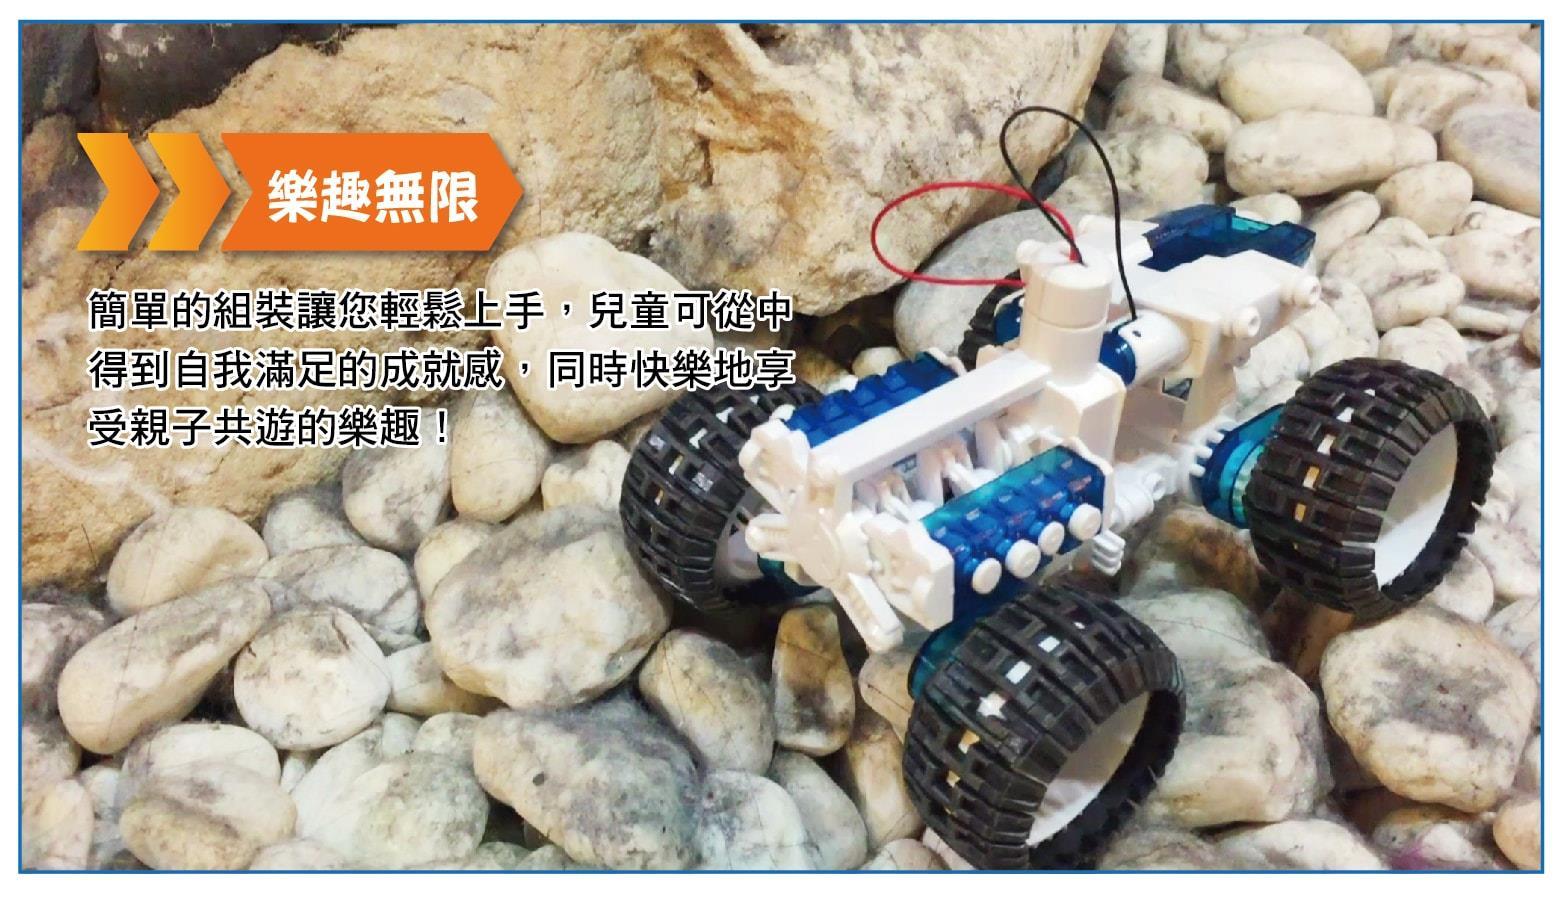 鹽水動力引擎車